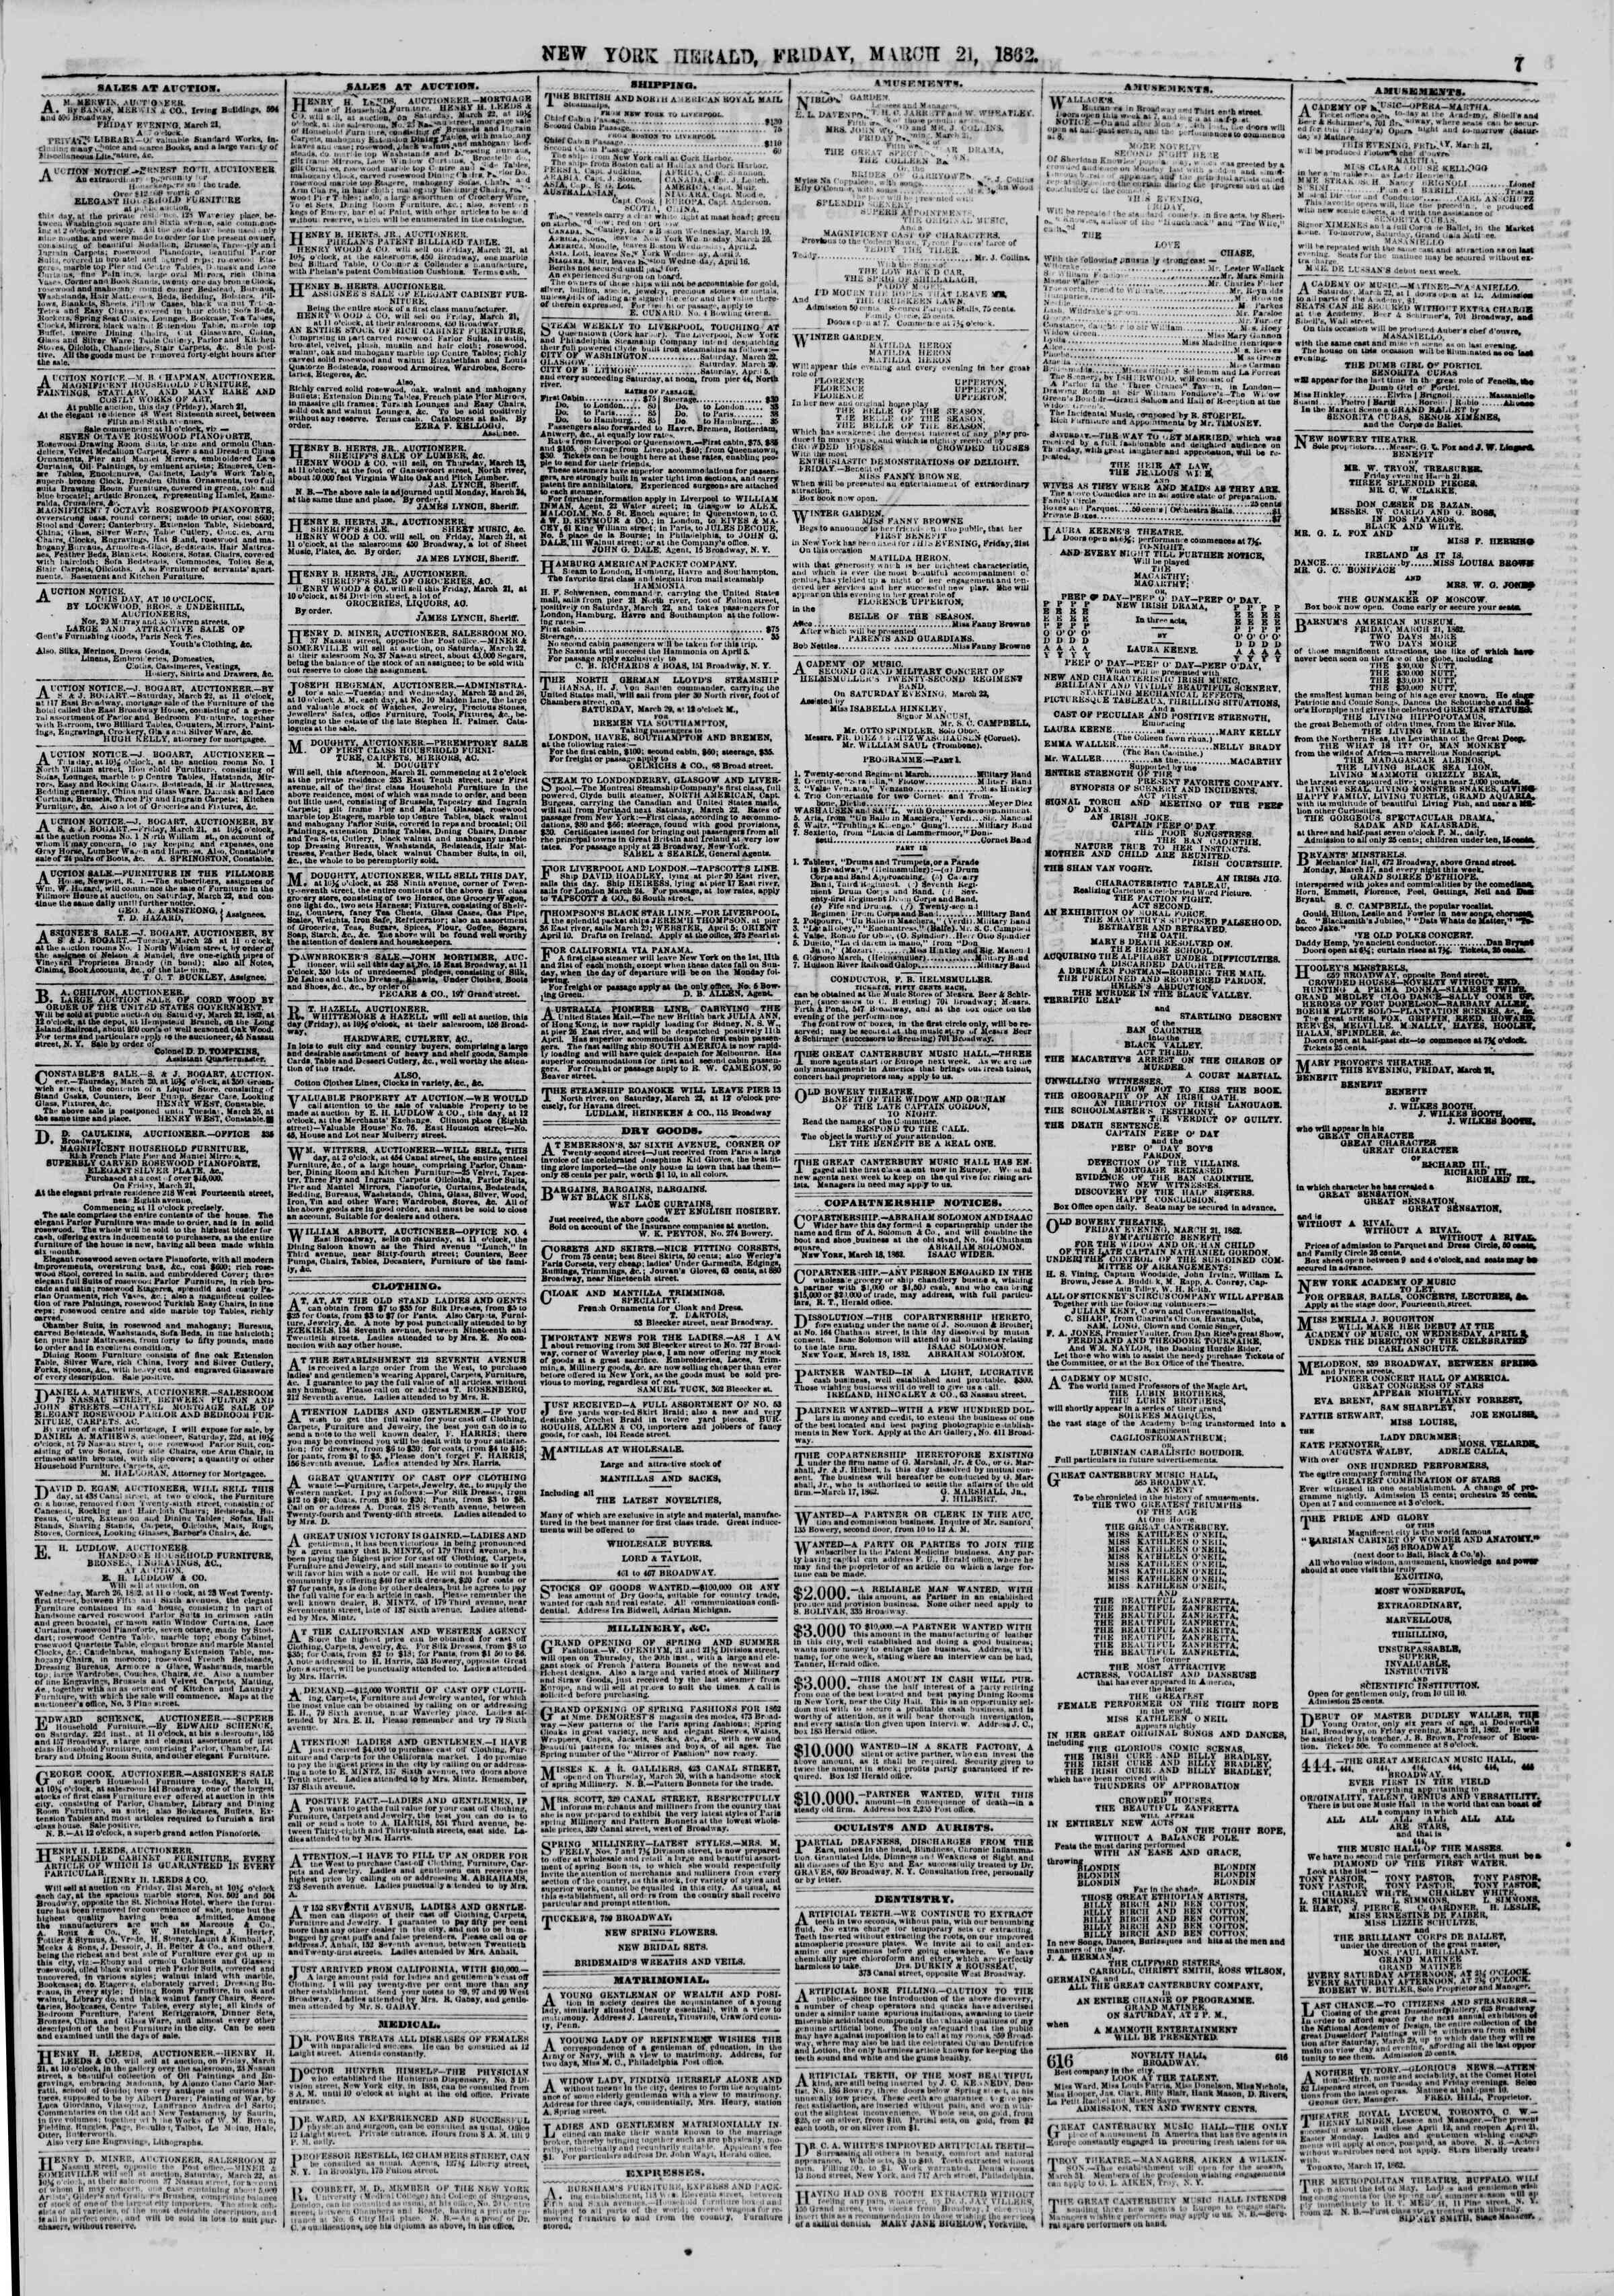 21 Mart 1862 tarihli The New York Herald Gazetesi Sayfa 7